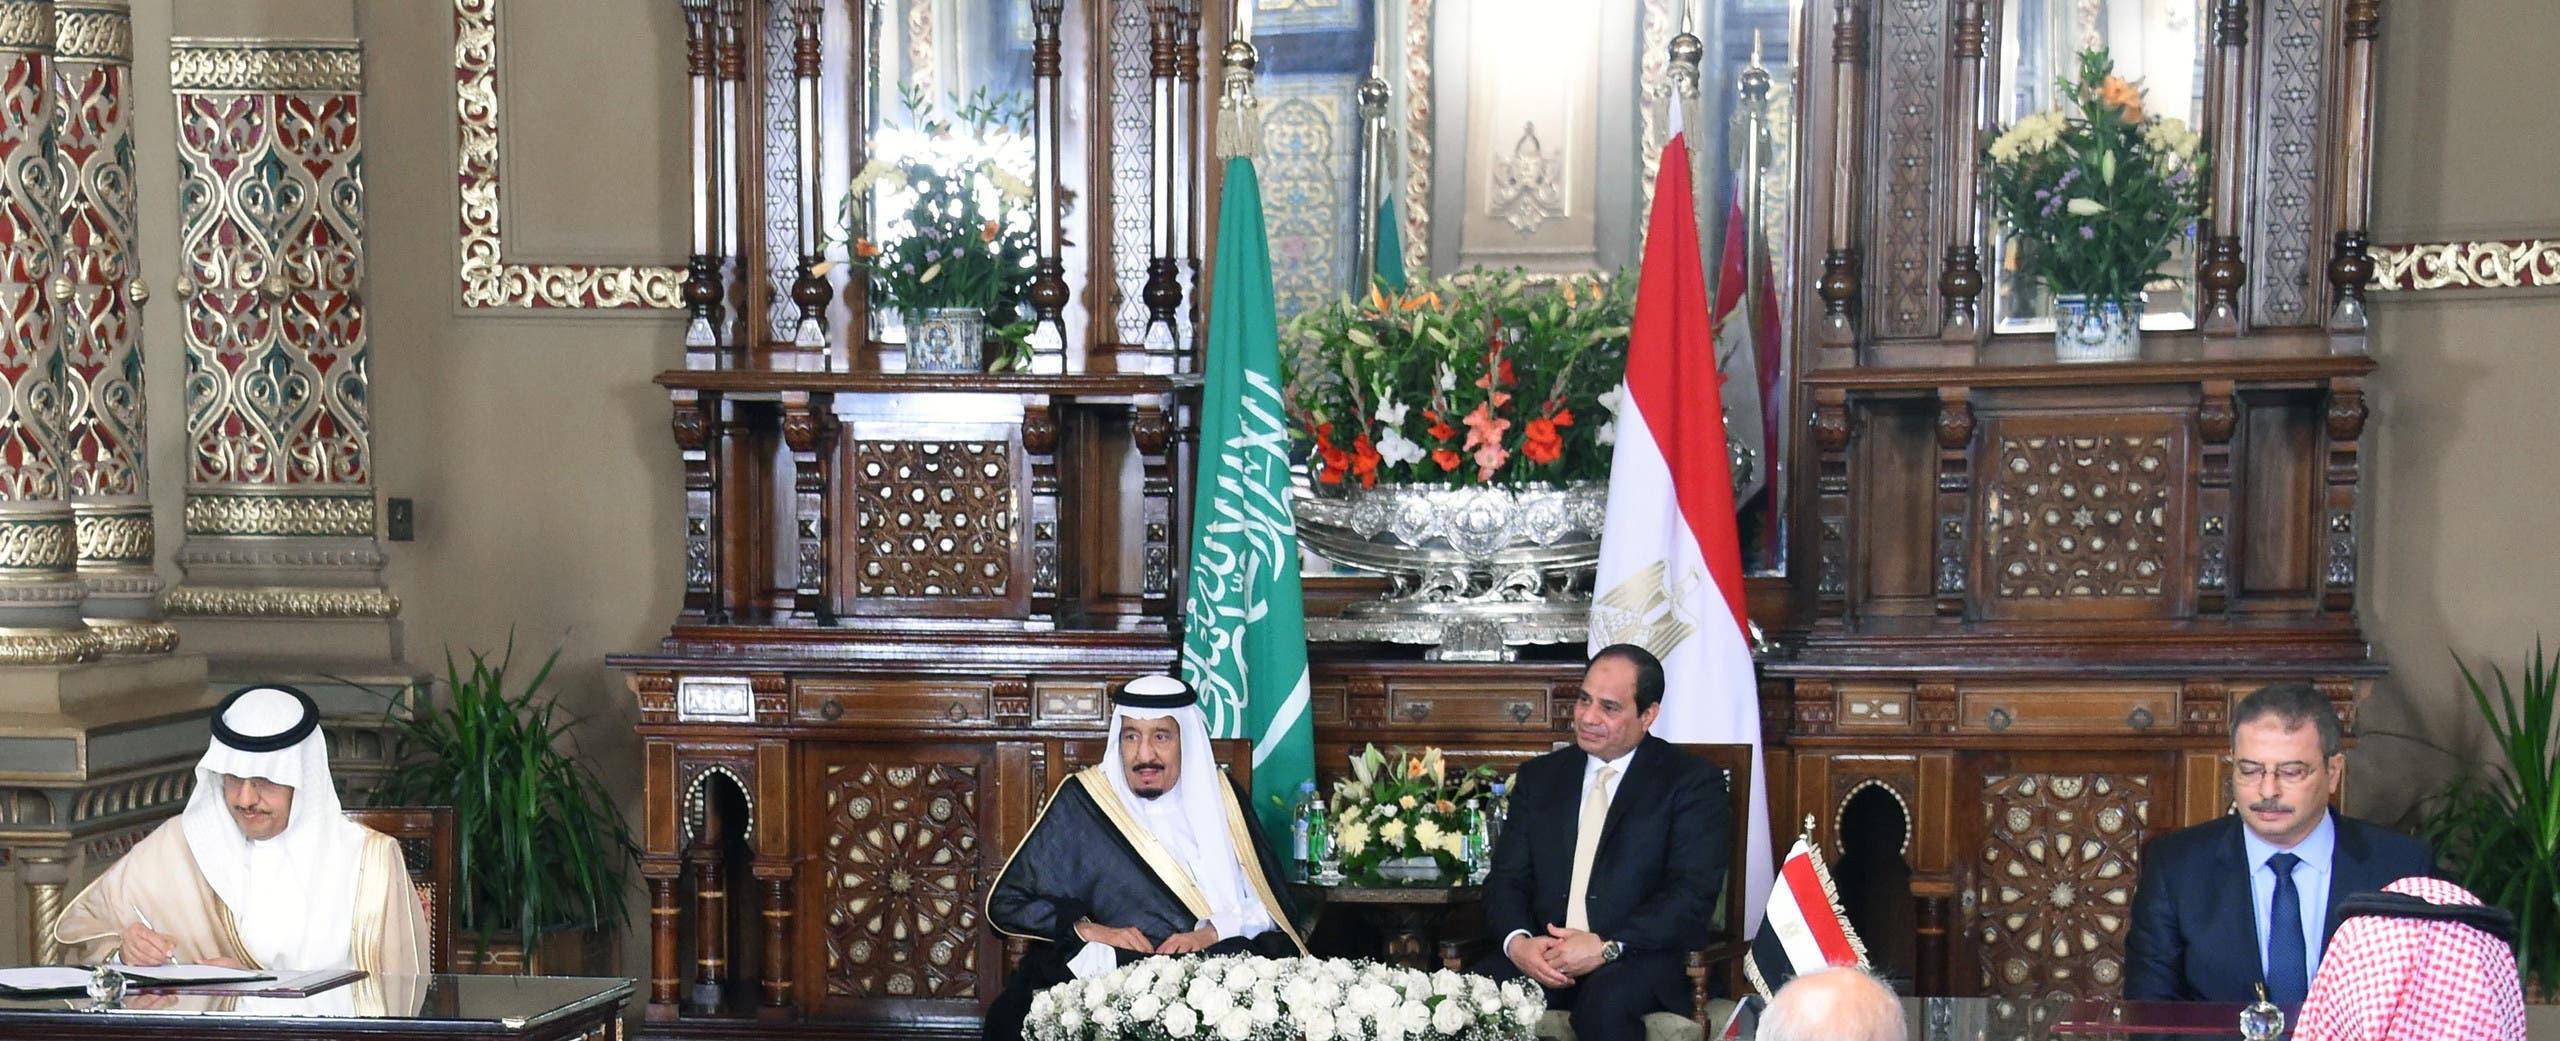 الملك سلمان والرئيس السيسي أثناء توقيع اتفاقيات شراكة بين الرياض والقاهرة